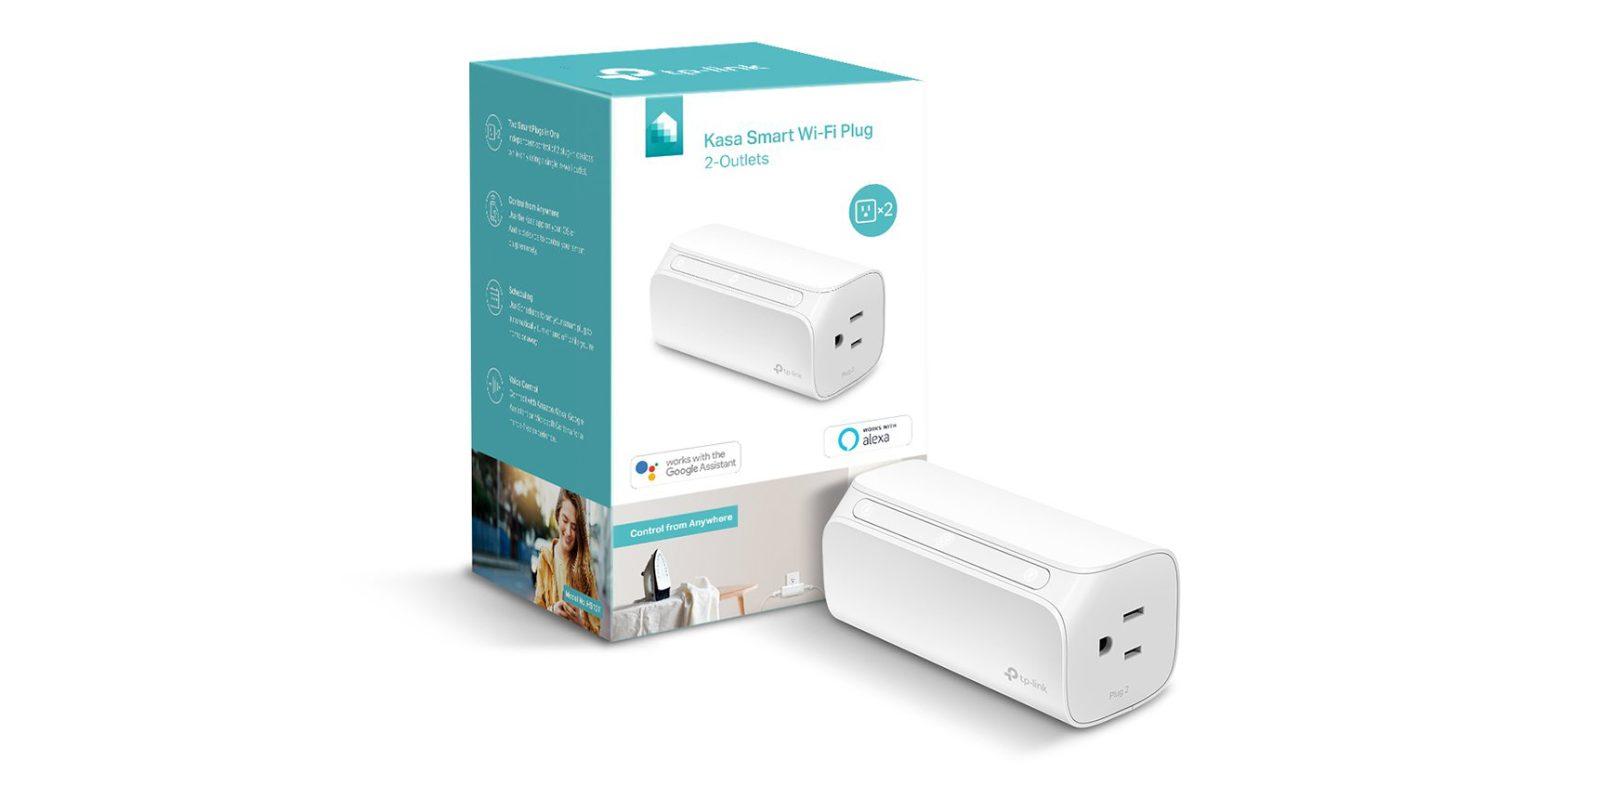 Green Deals: TP-Link 2-outlet Smart Plug $25 (Reg  $35), more - Electrek